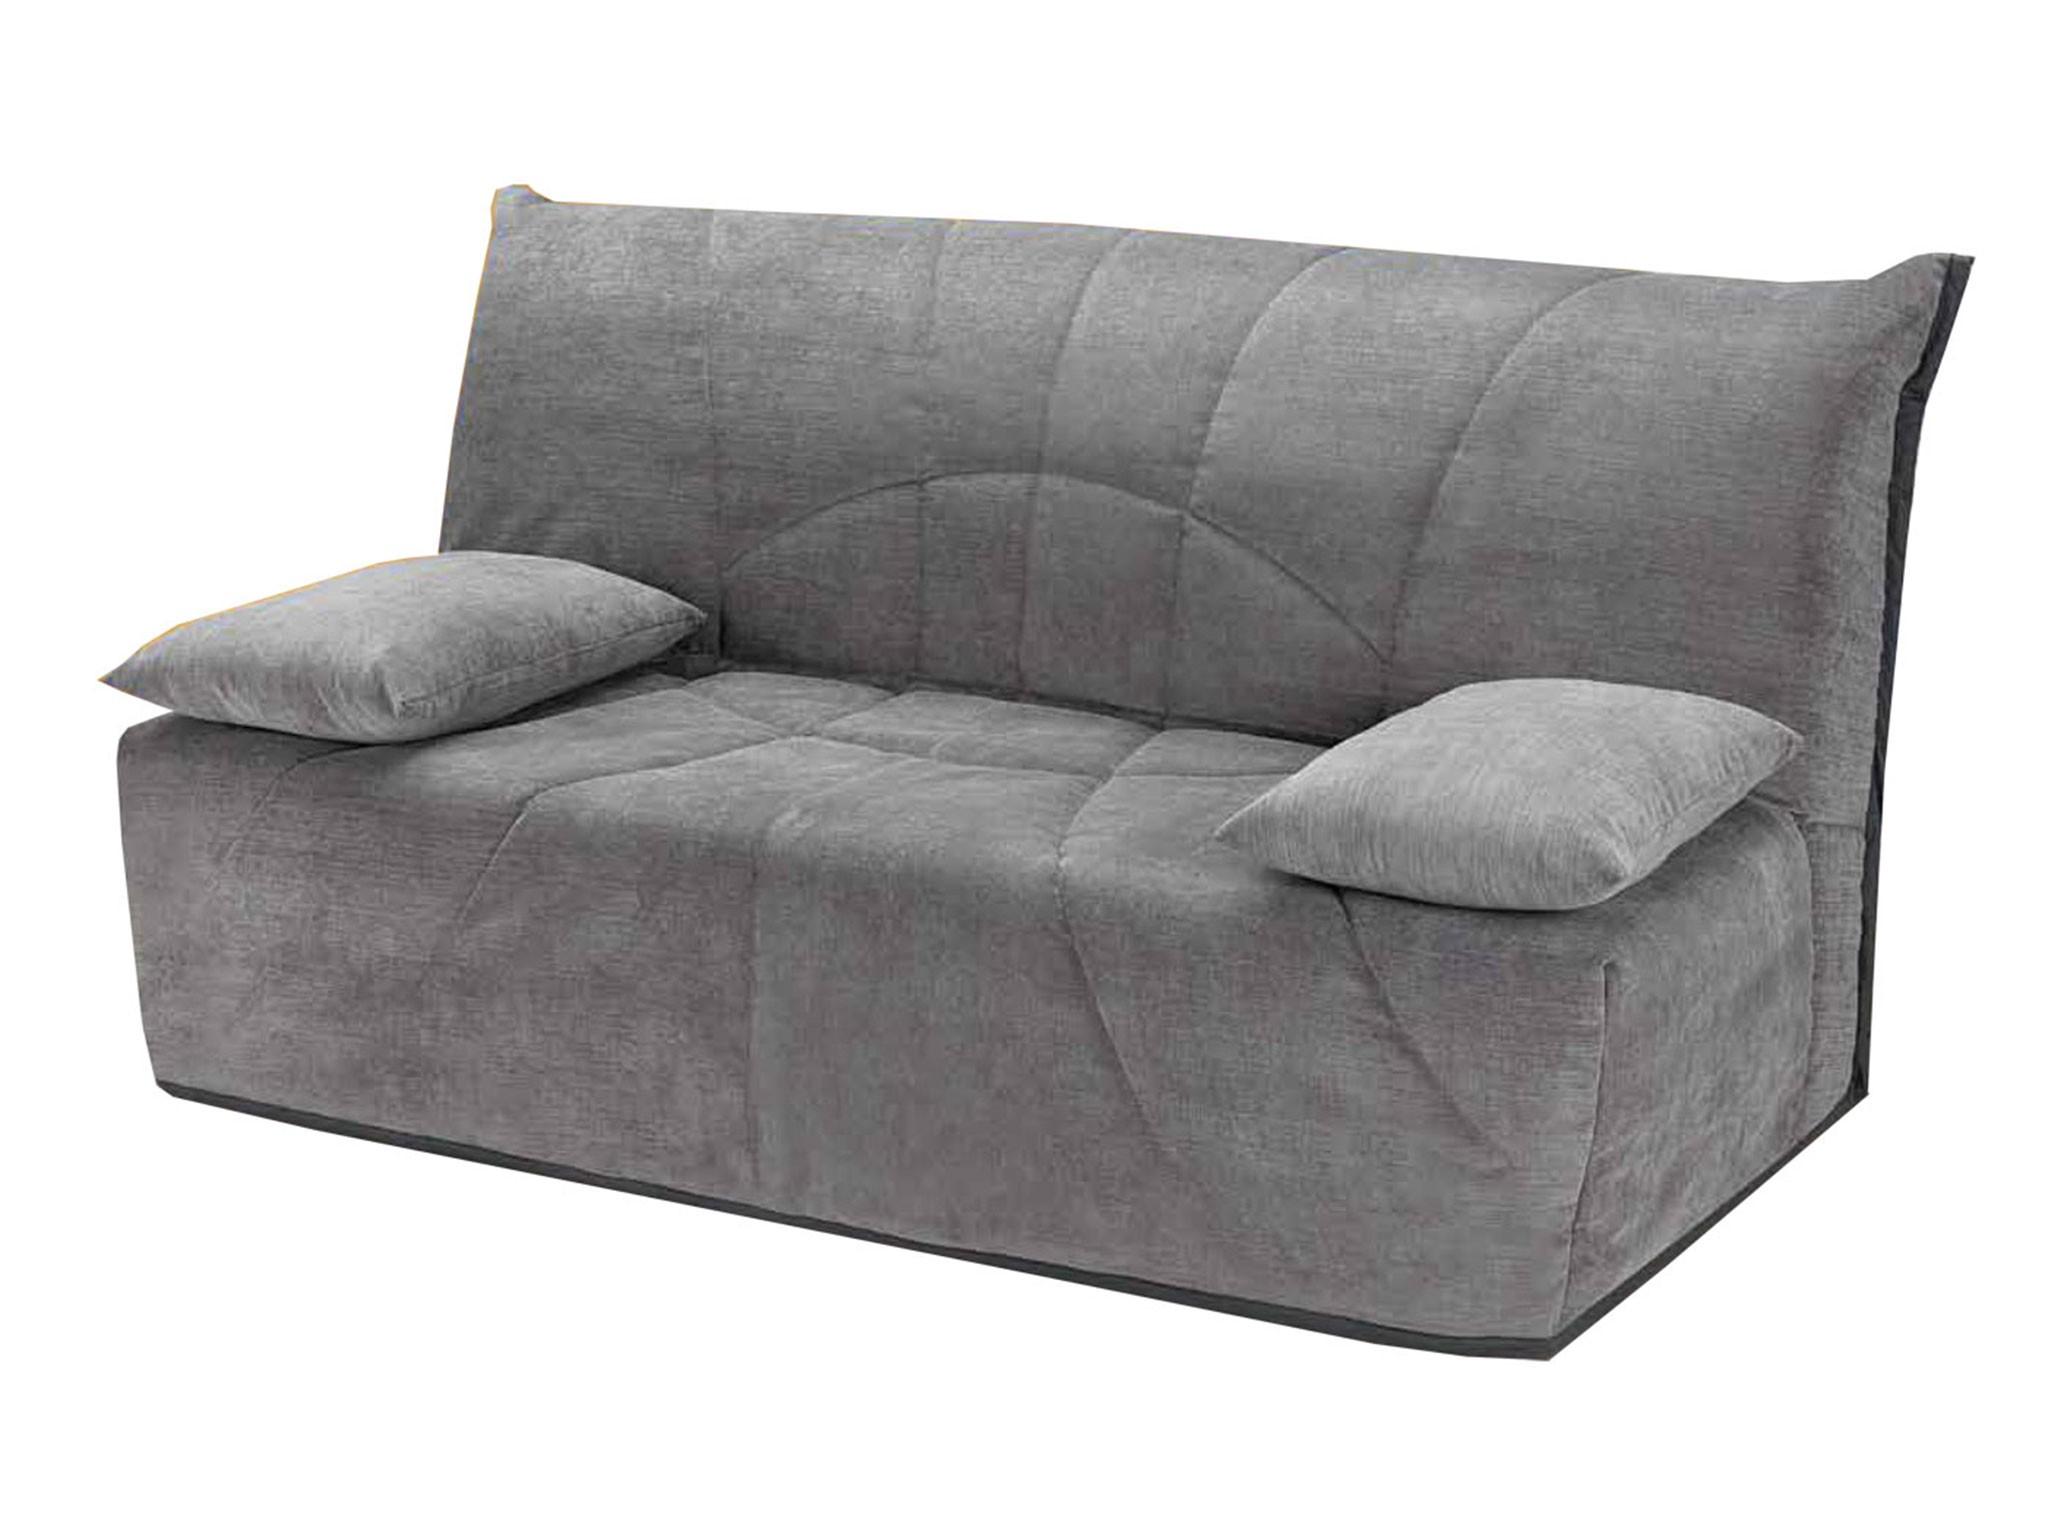 Housse De Canapé Clic Clac Ikea